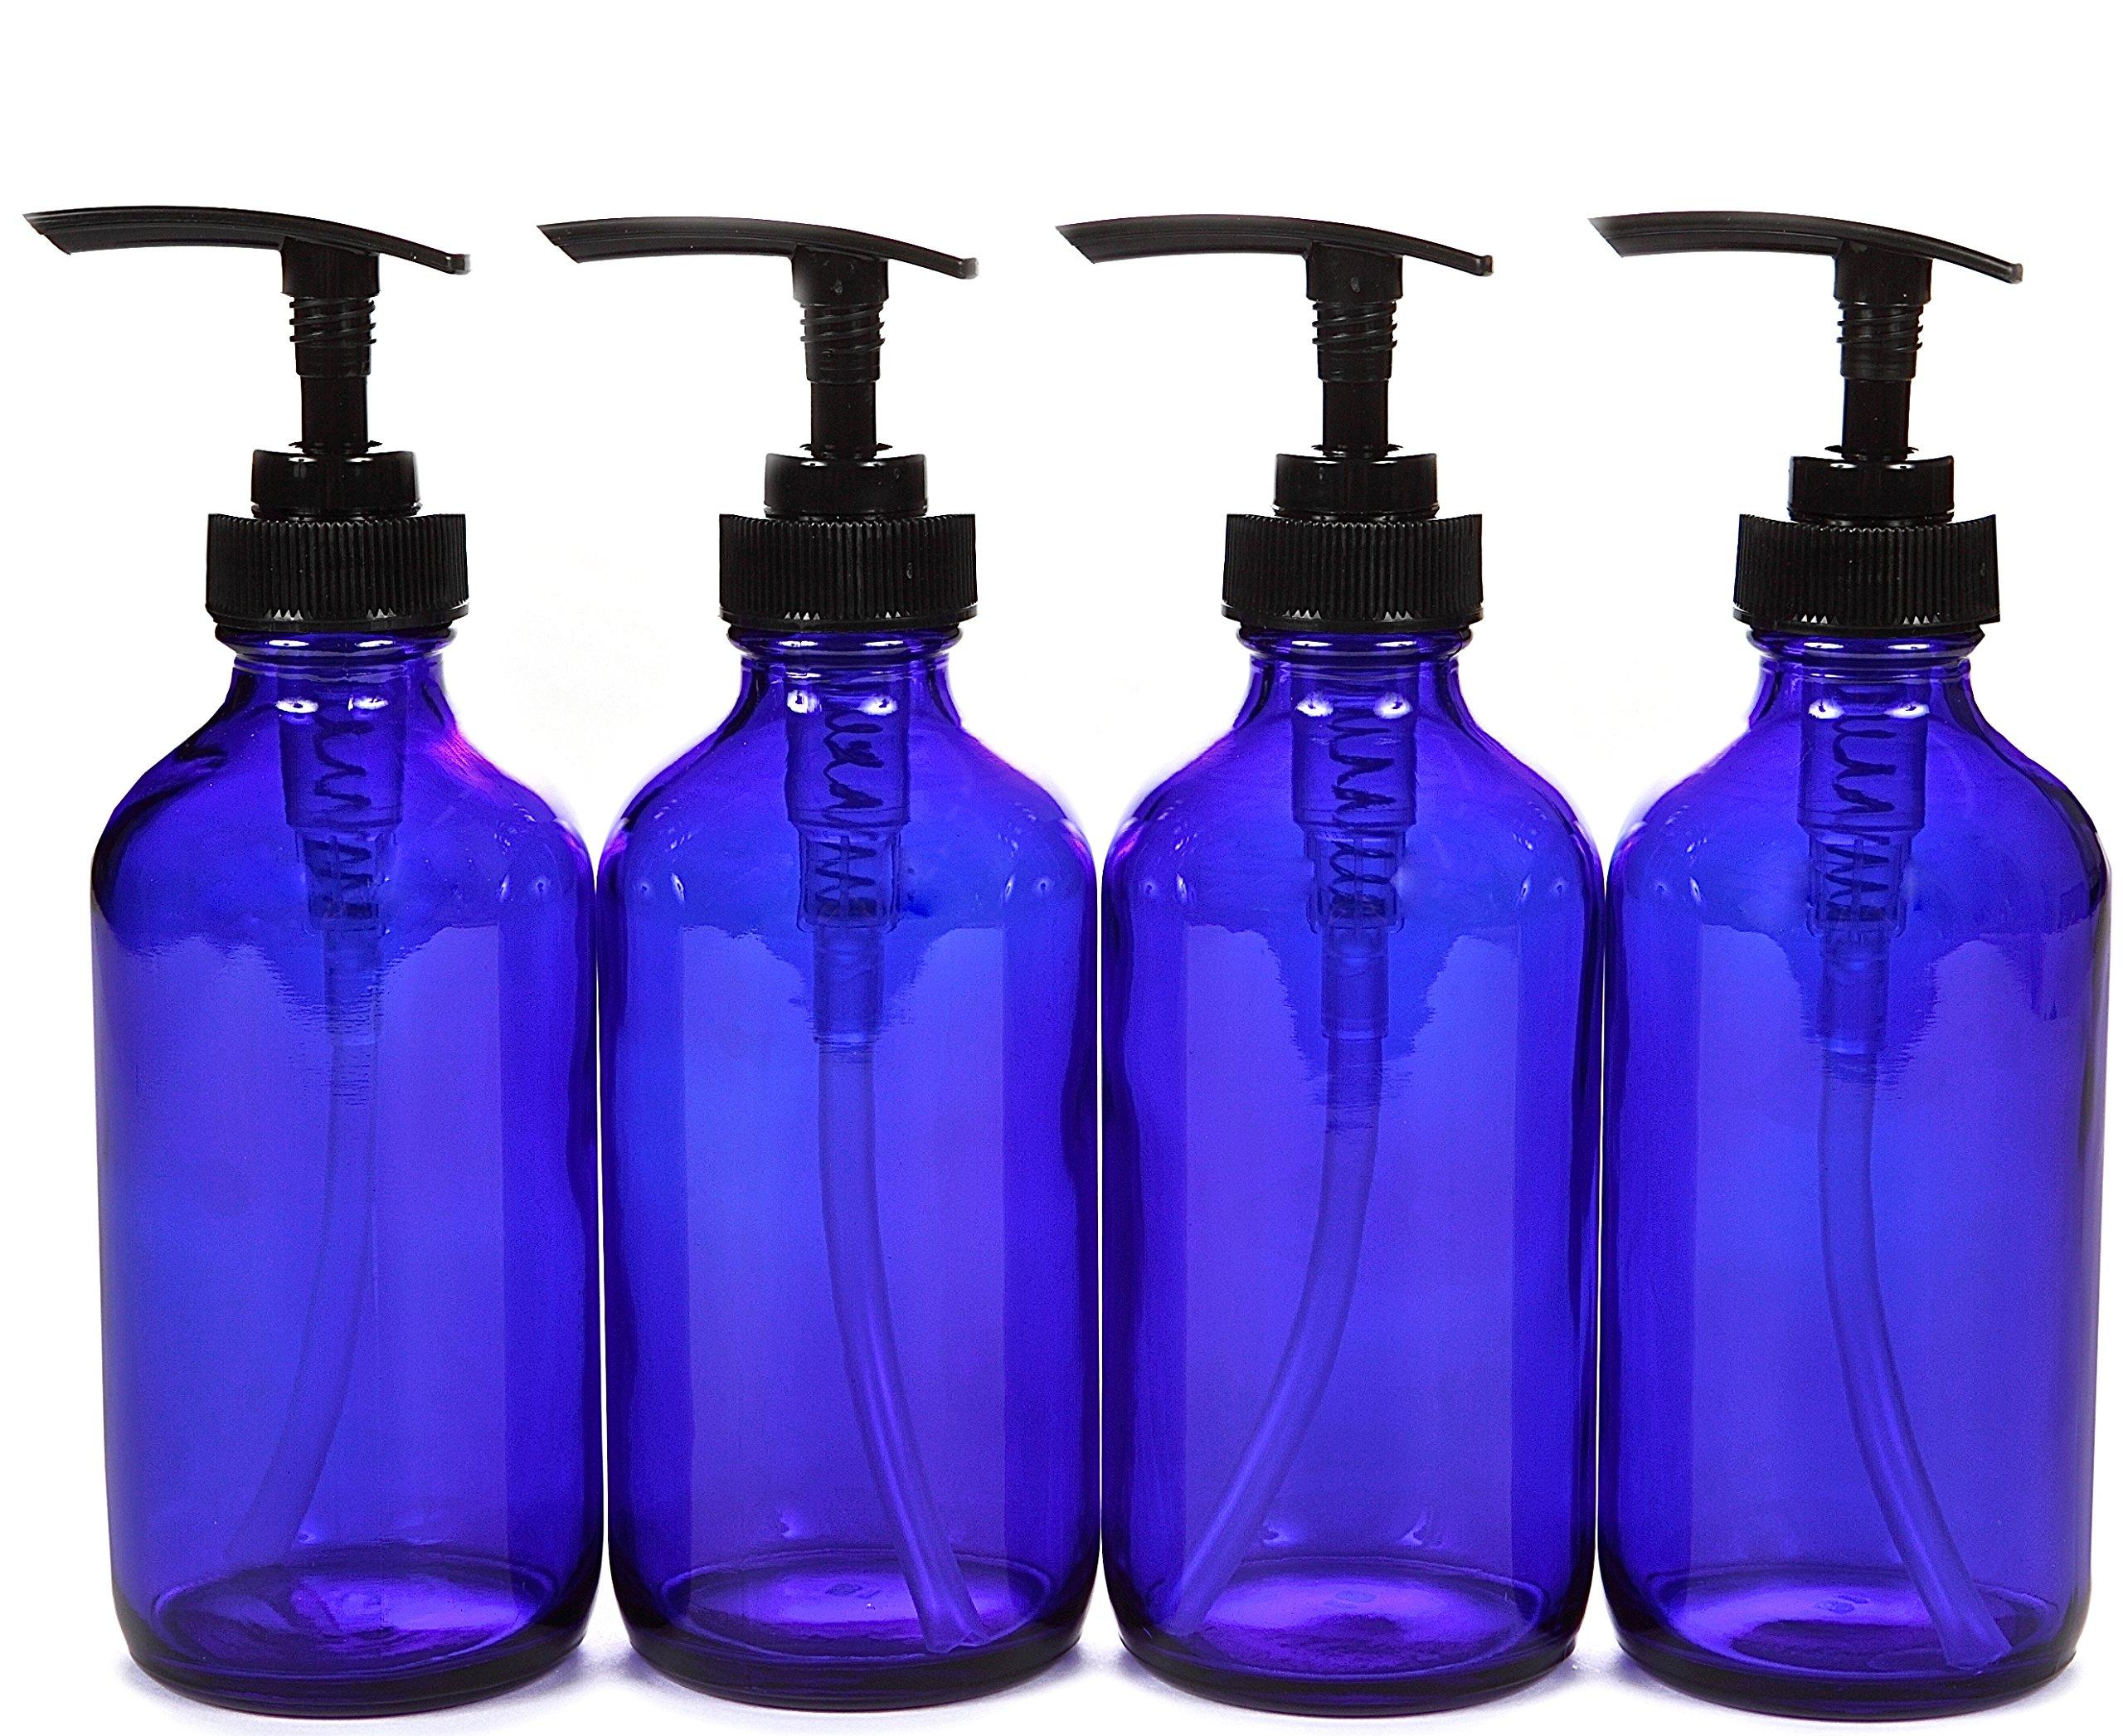 Vivaplex, 4, Large, 8 oz, Empty, Cobalt Blue Glass Bottles with Black Lotion Pumps